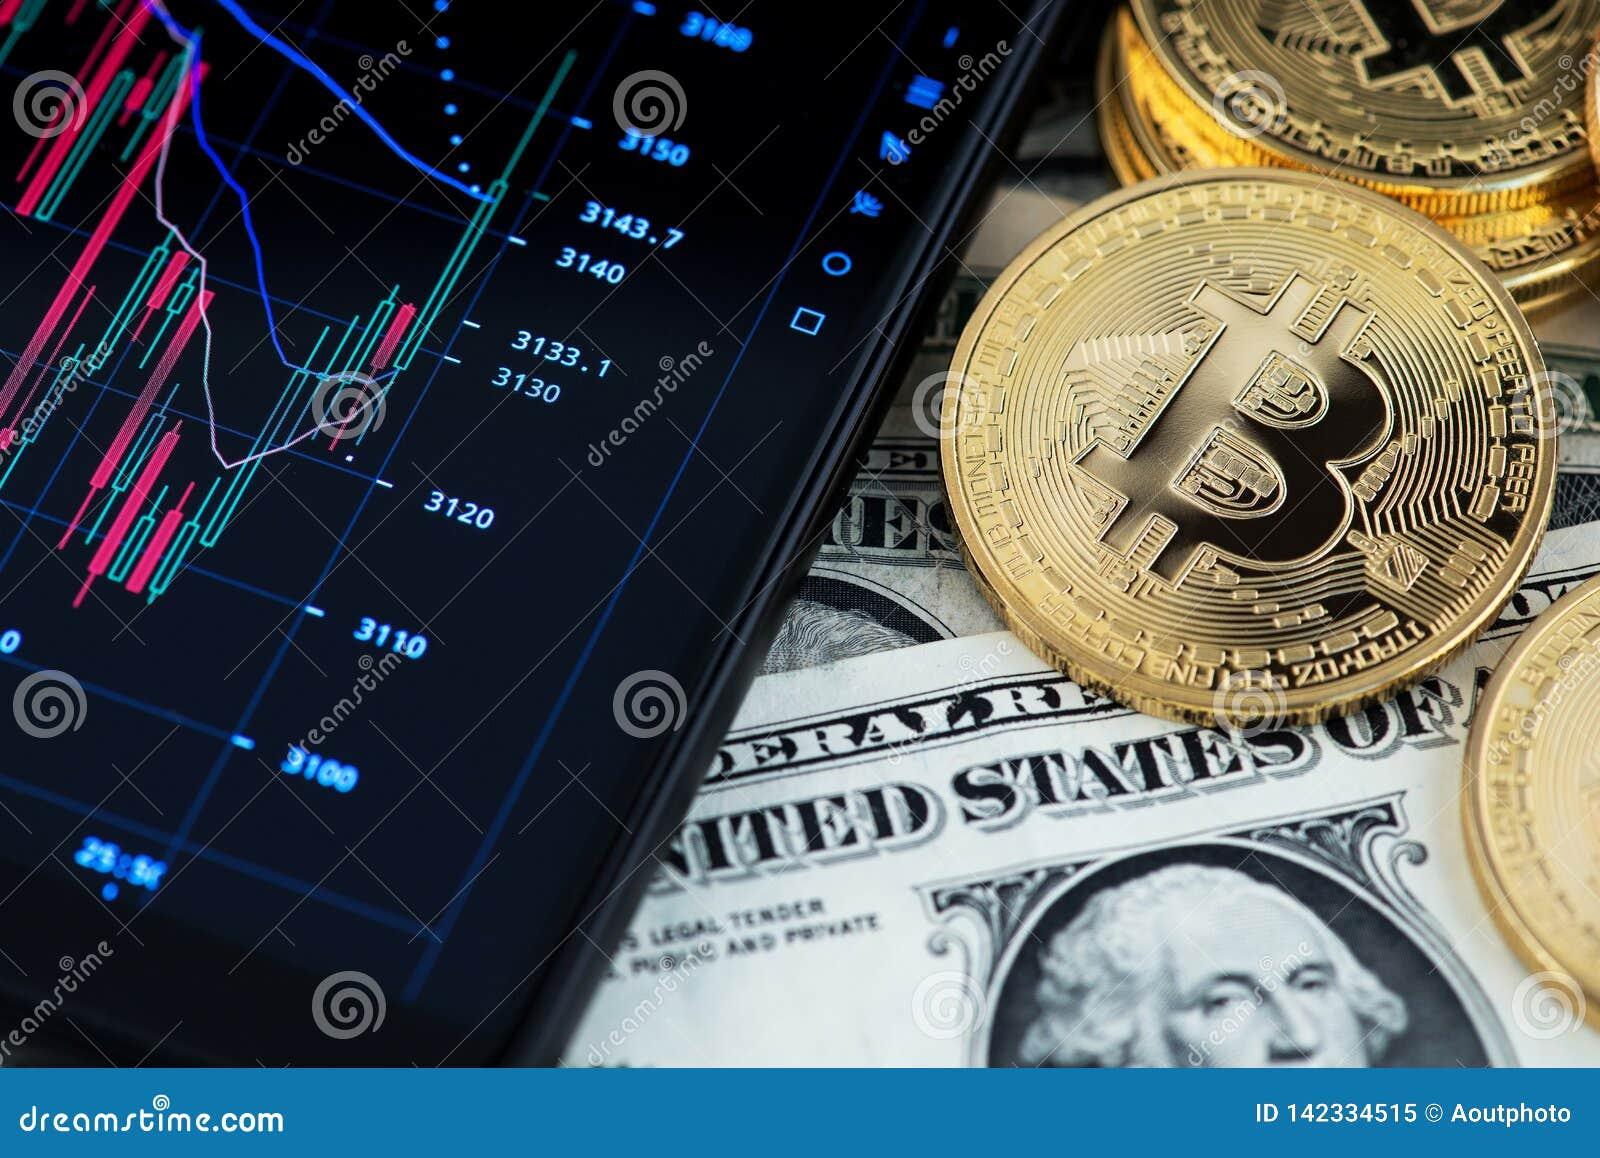 Bitcoin cryptocurrency i banknoty jeden dolar amerykański obok telefonu komórkowego pokazuje candlestick mapę